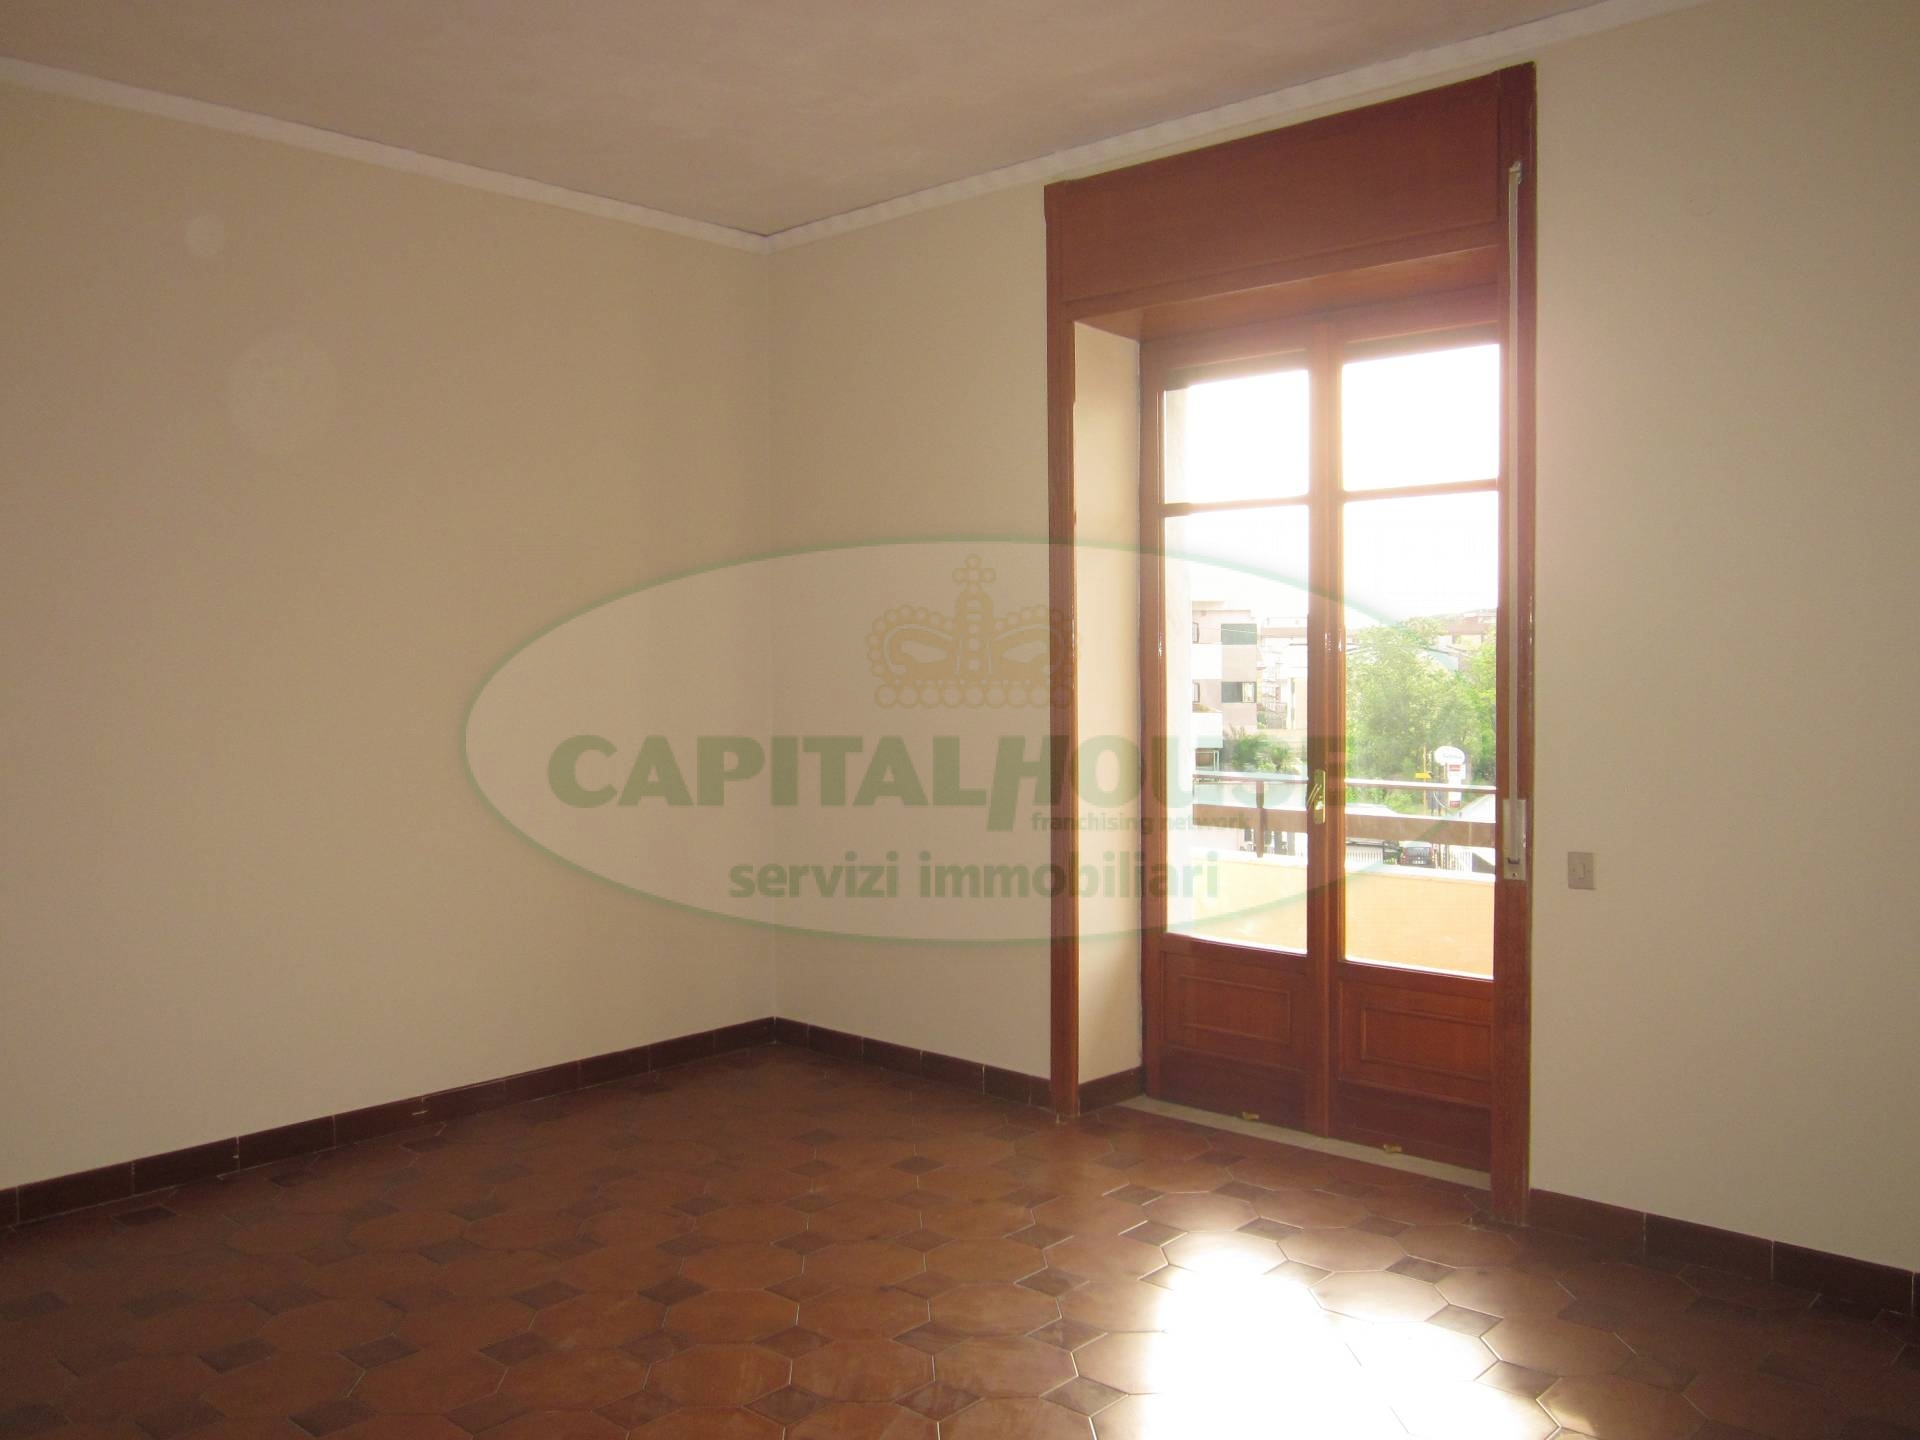 Appartamento in affitto a San Marco Evangelista, 3 locali, prezzo € 400 | Cambio Casa.it